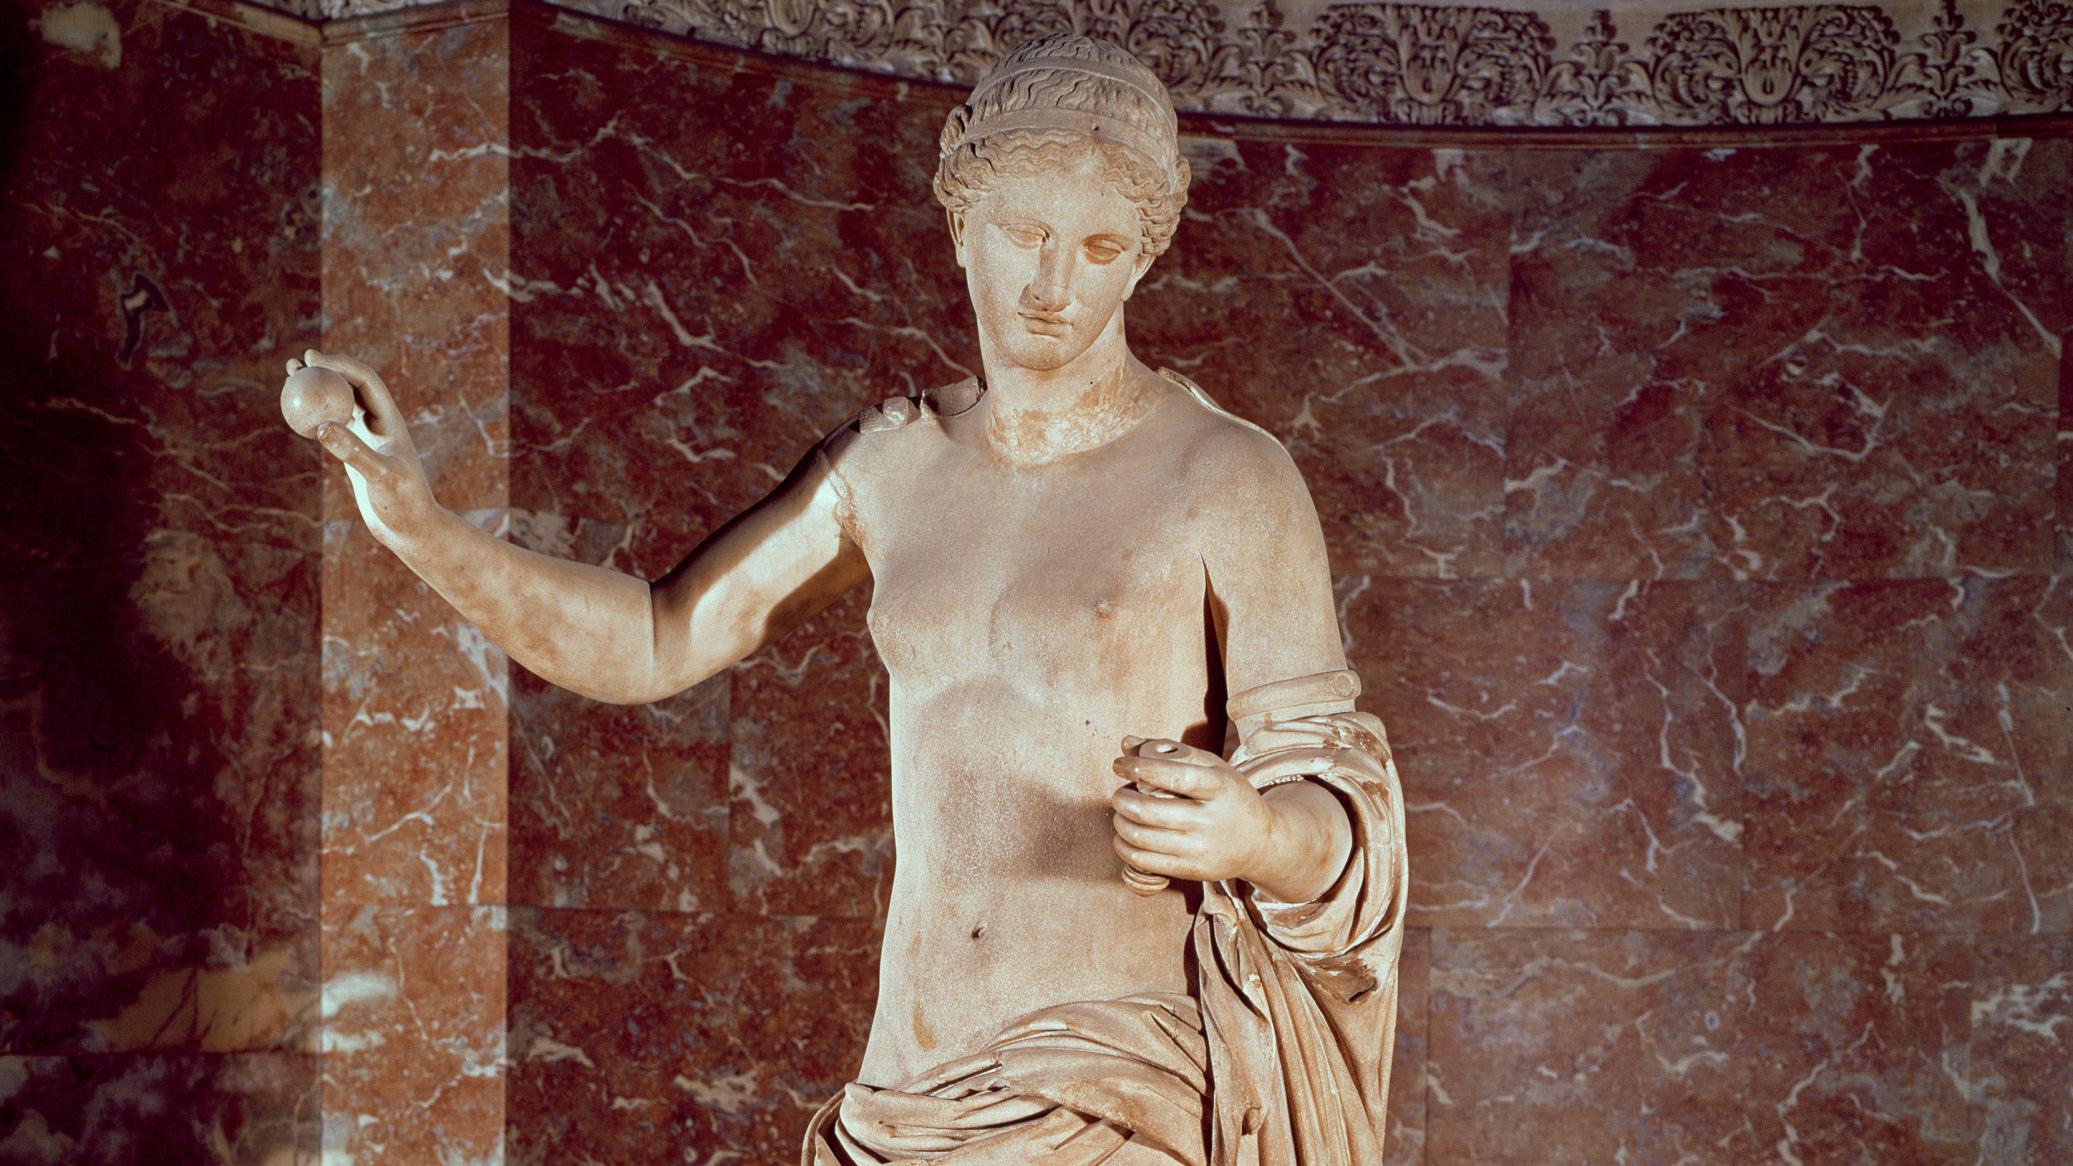 La ville d'Arles réclame au musée du Louvre le retour de «sa» Vénus antique